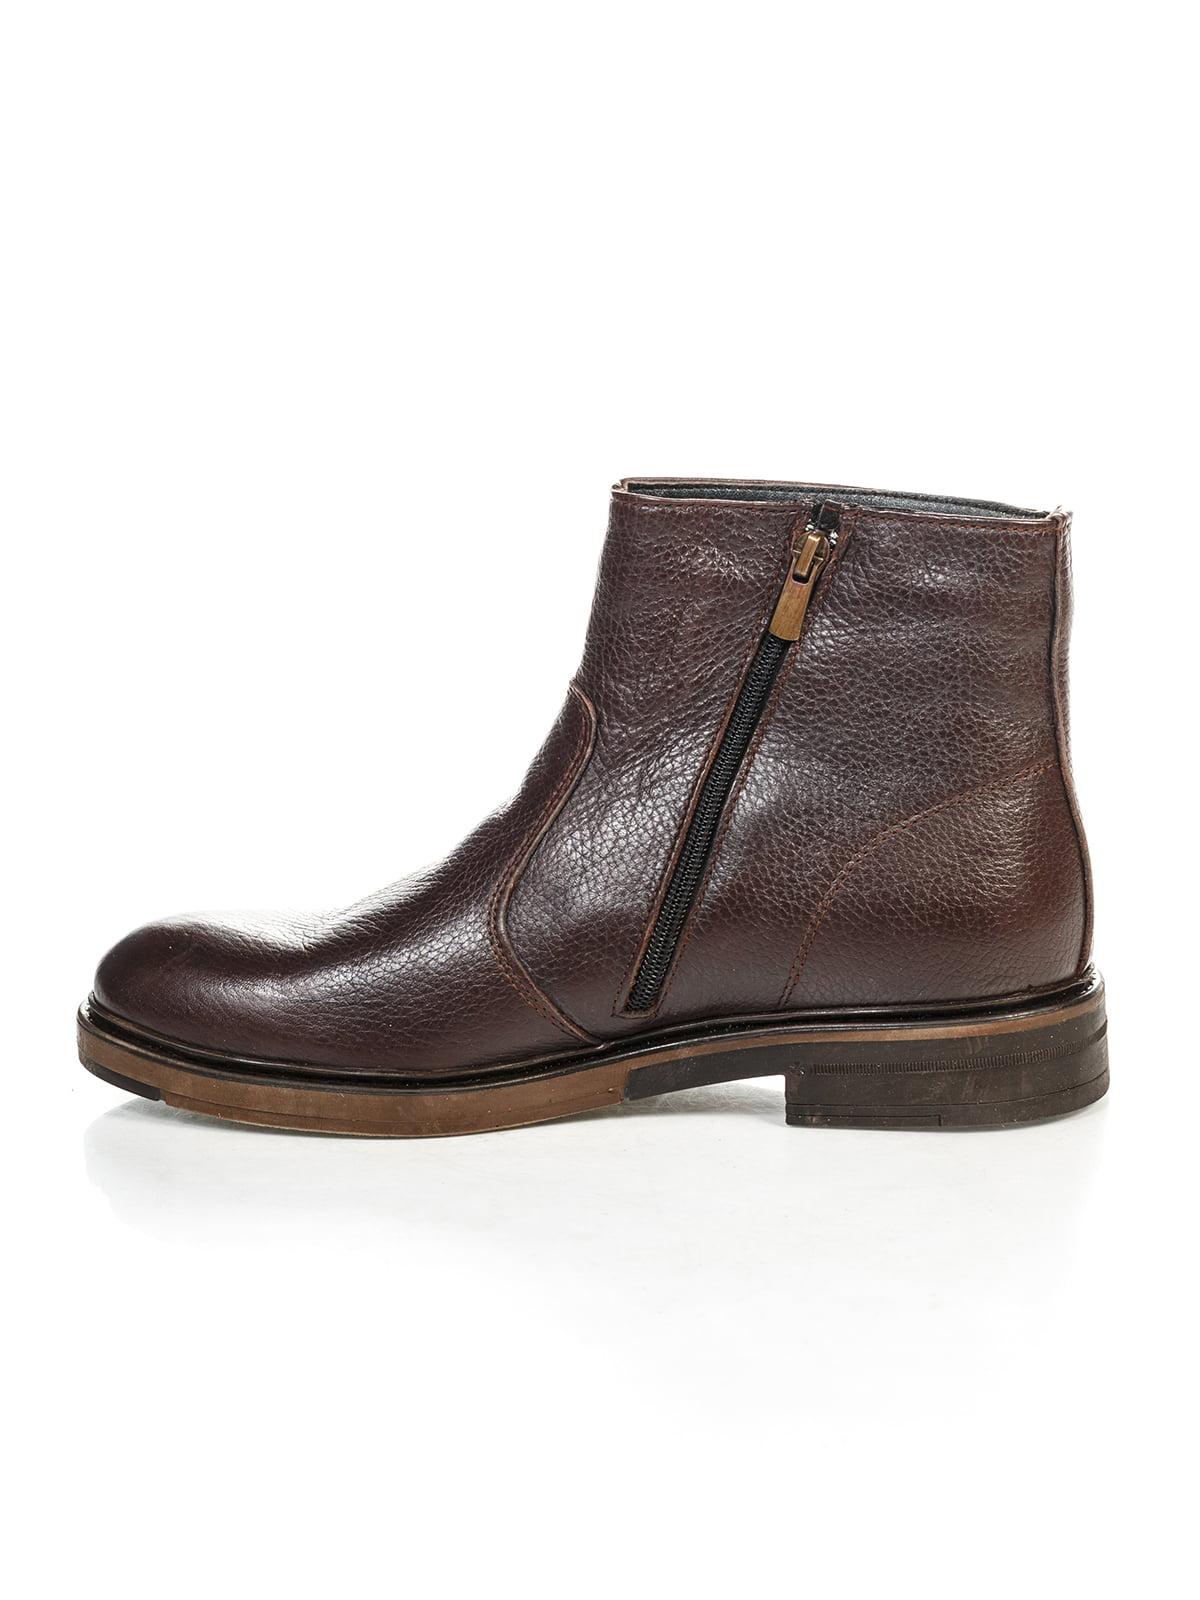 Ботинки коричневые | 4809486 | фото 3